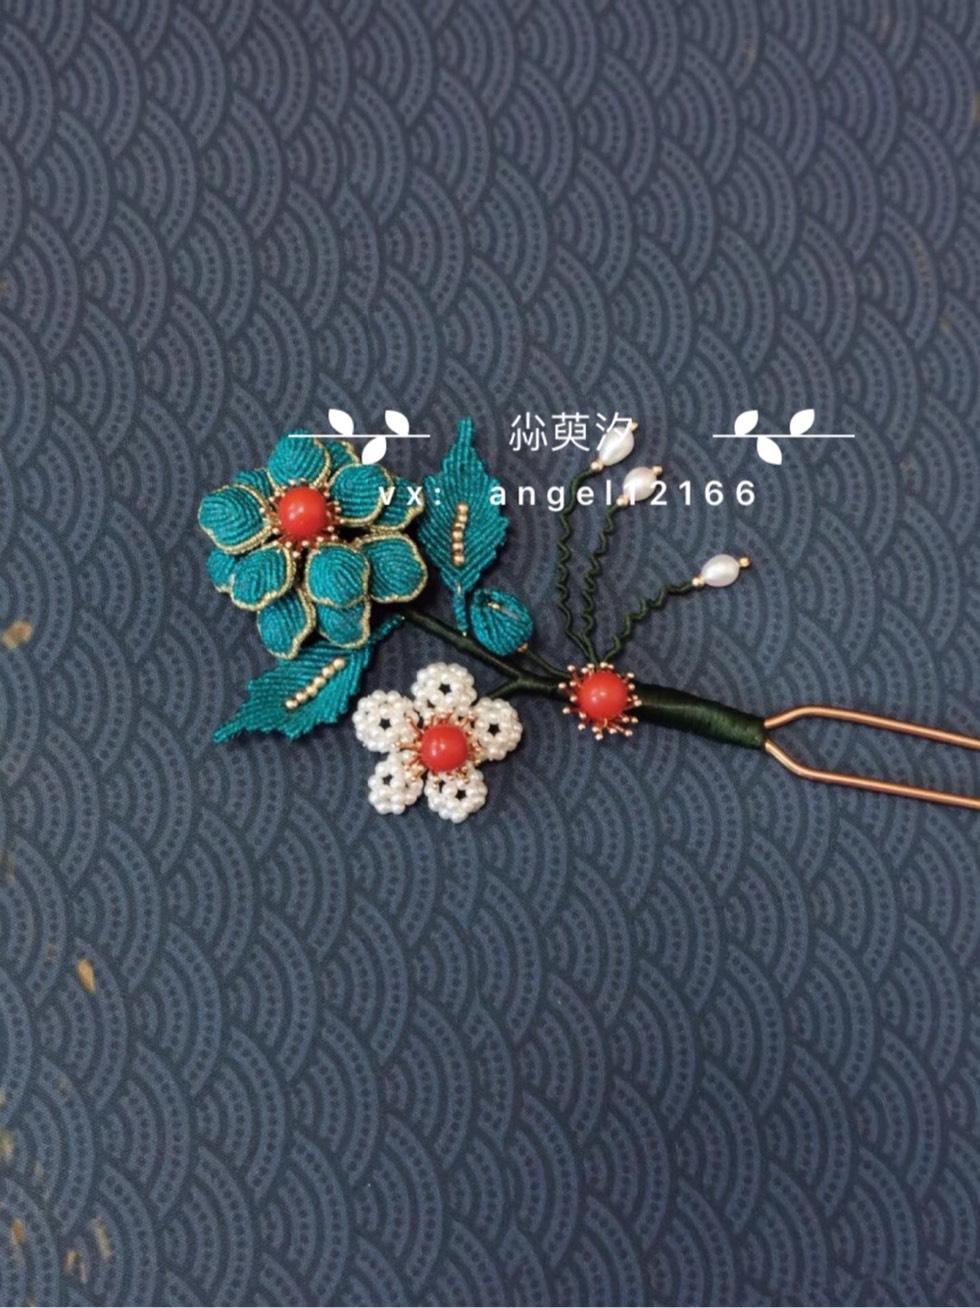 中国结论坛 仿点翠花簪系列 系列,翠花,点翠 作品展示 163817eeyi7khixrkhek3k